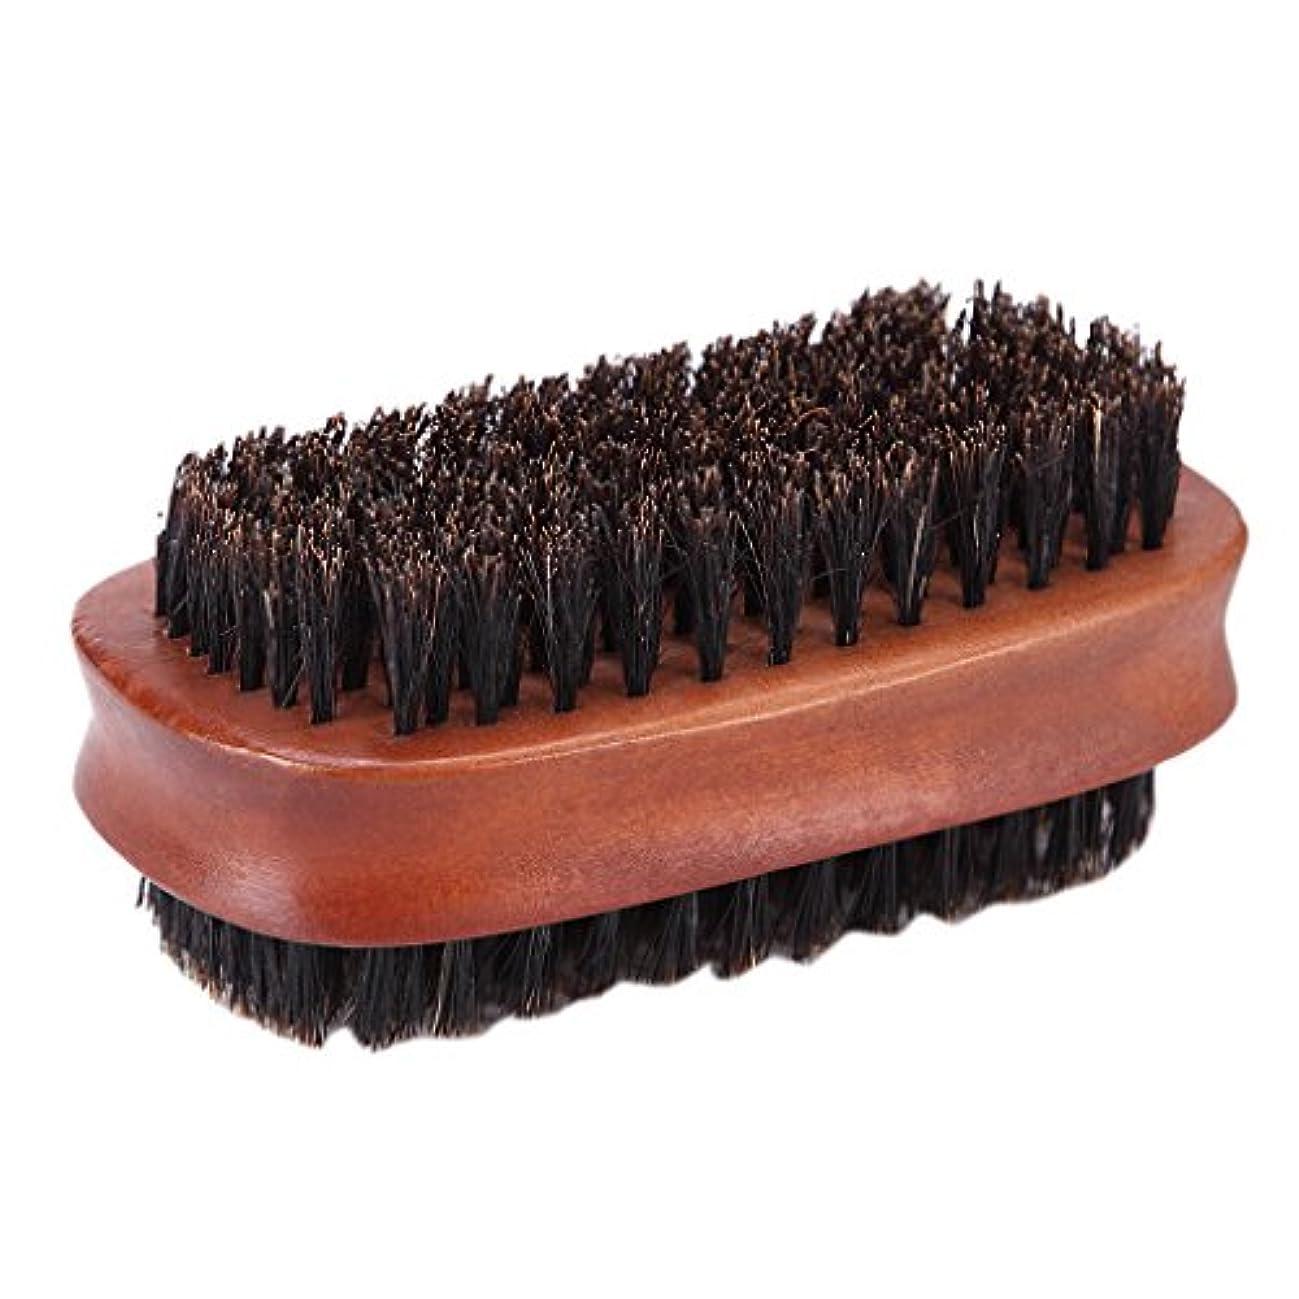 バレル彼思われるヘアカット ダスターブラシ 両面ブラシ サロン 散髪 ヘアカット 柔らか 使いやすい